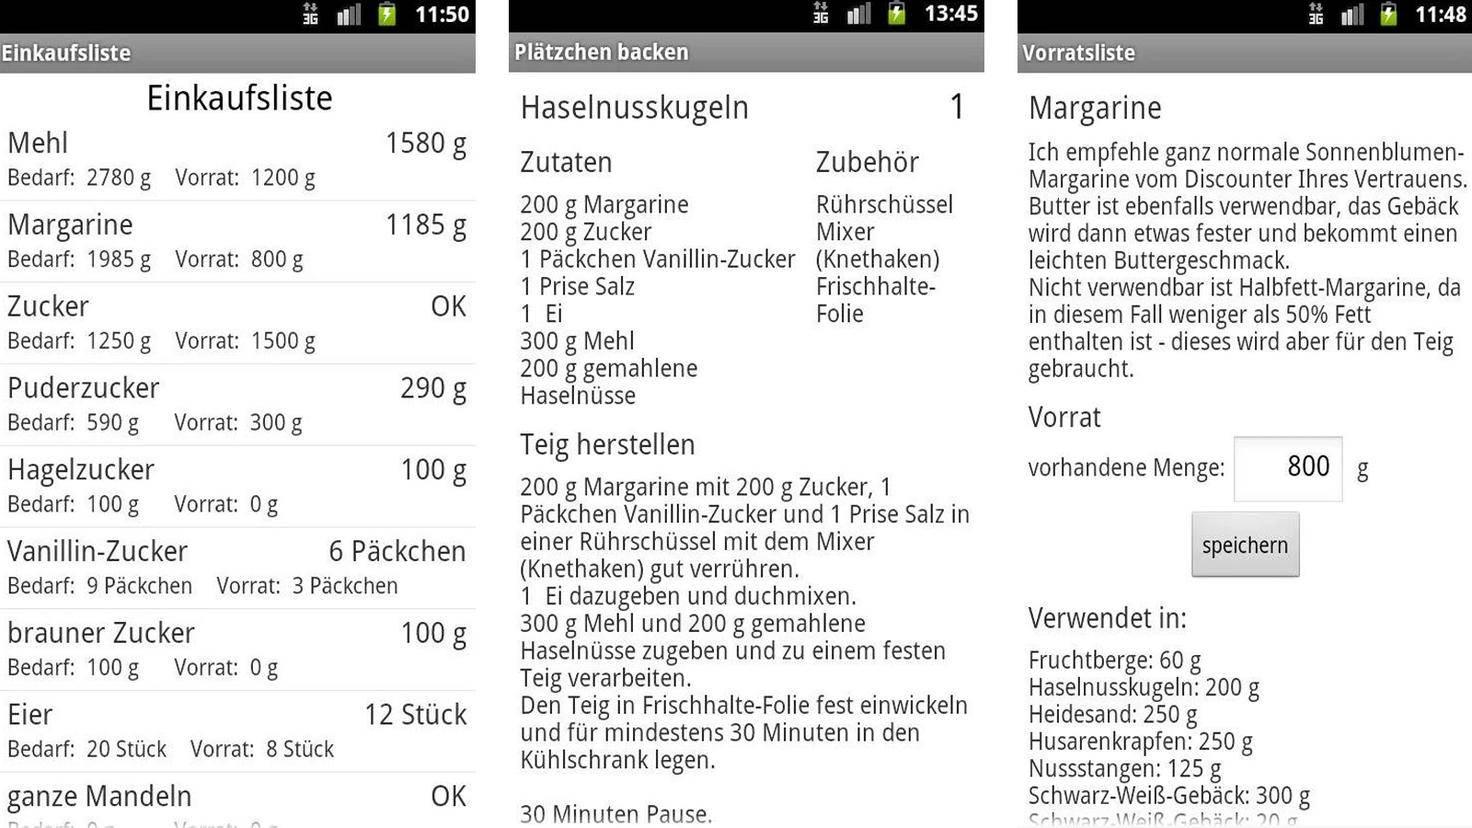 Plätzchen backen-Google PlayStore-Uwe Gerdes